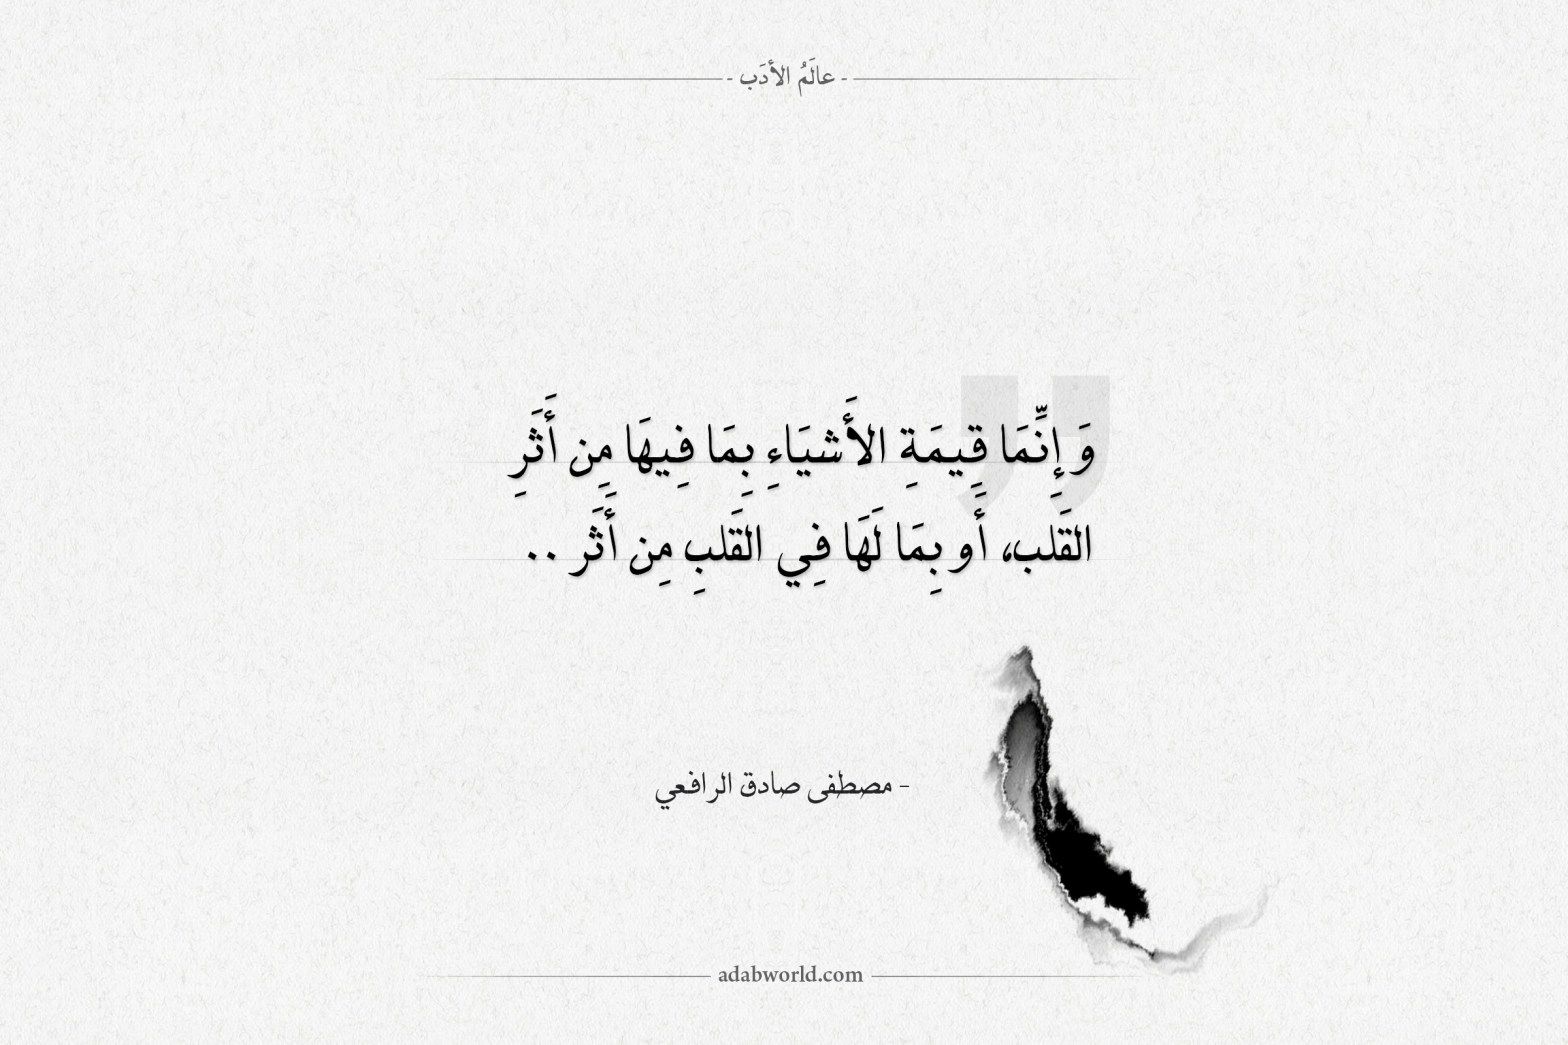 اقتباسات مصطفى صادق الرافعي - قيمة الأشاء بما لها في القلب